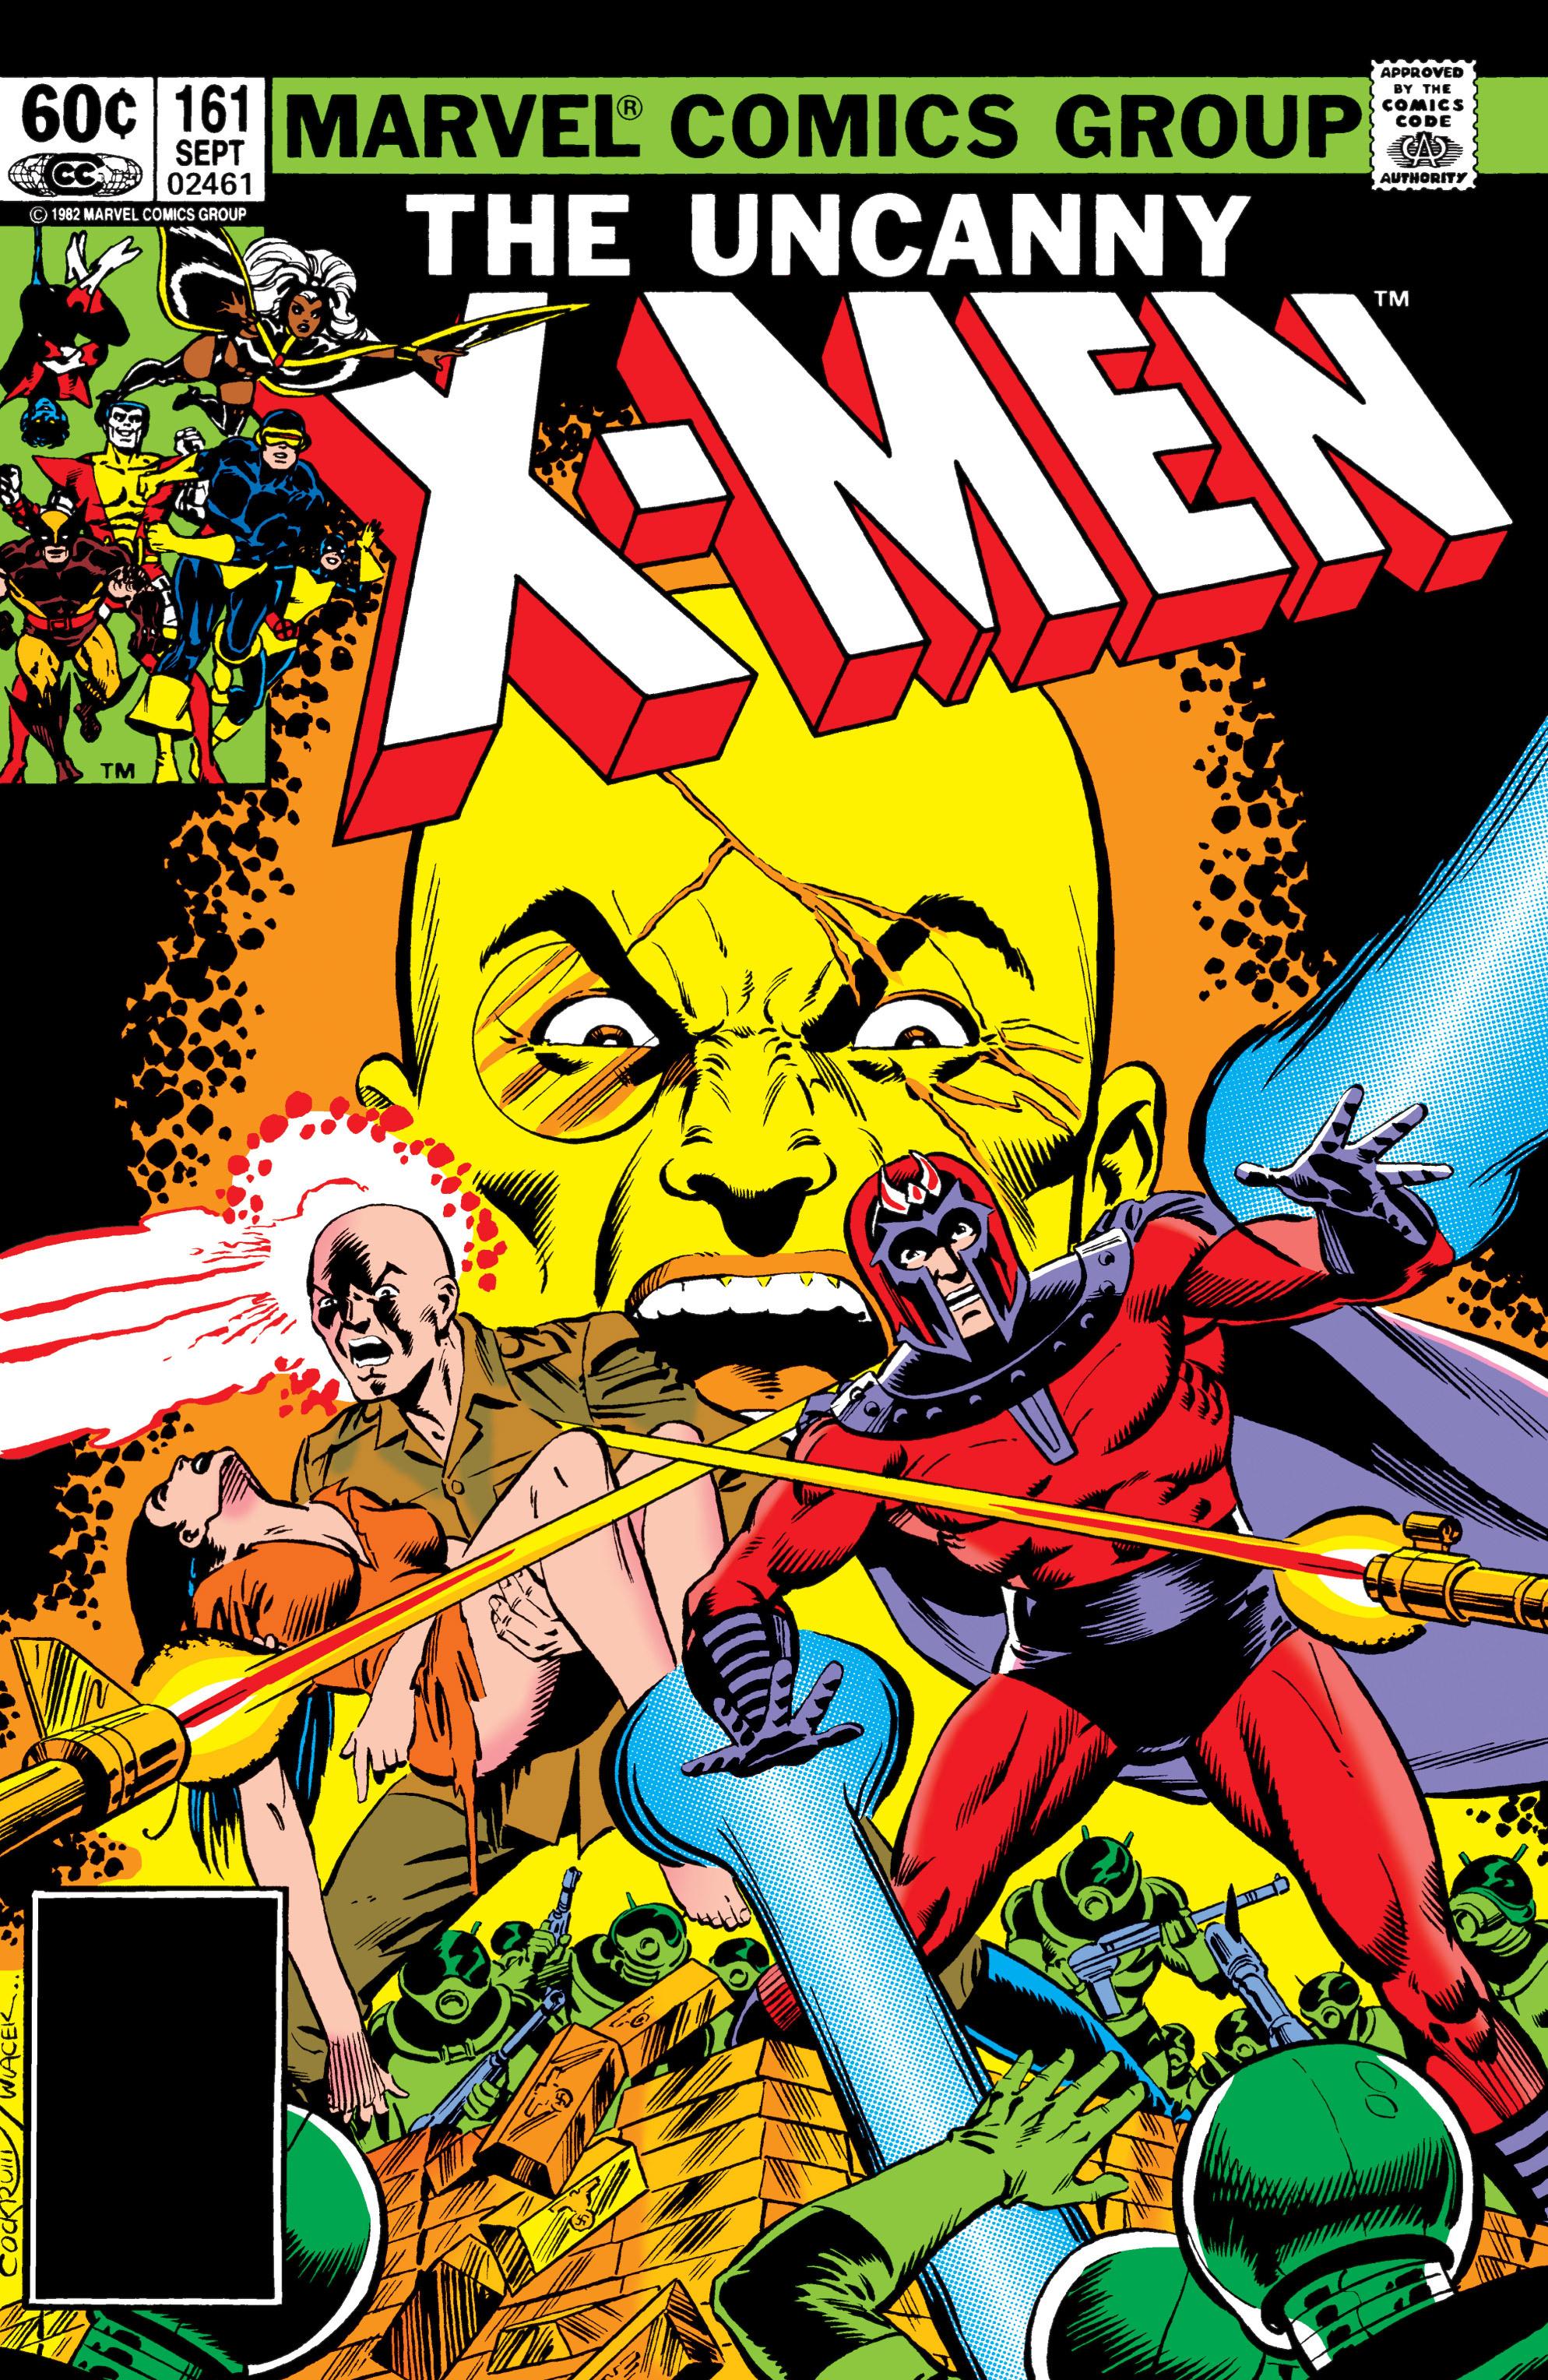 Uncanny X-Men (1963) 161 Page 1